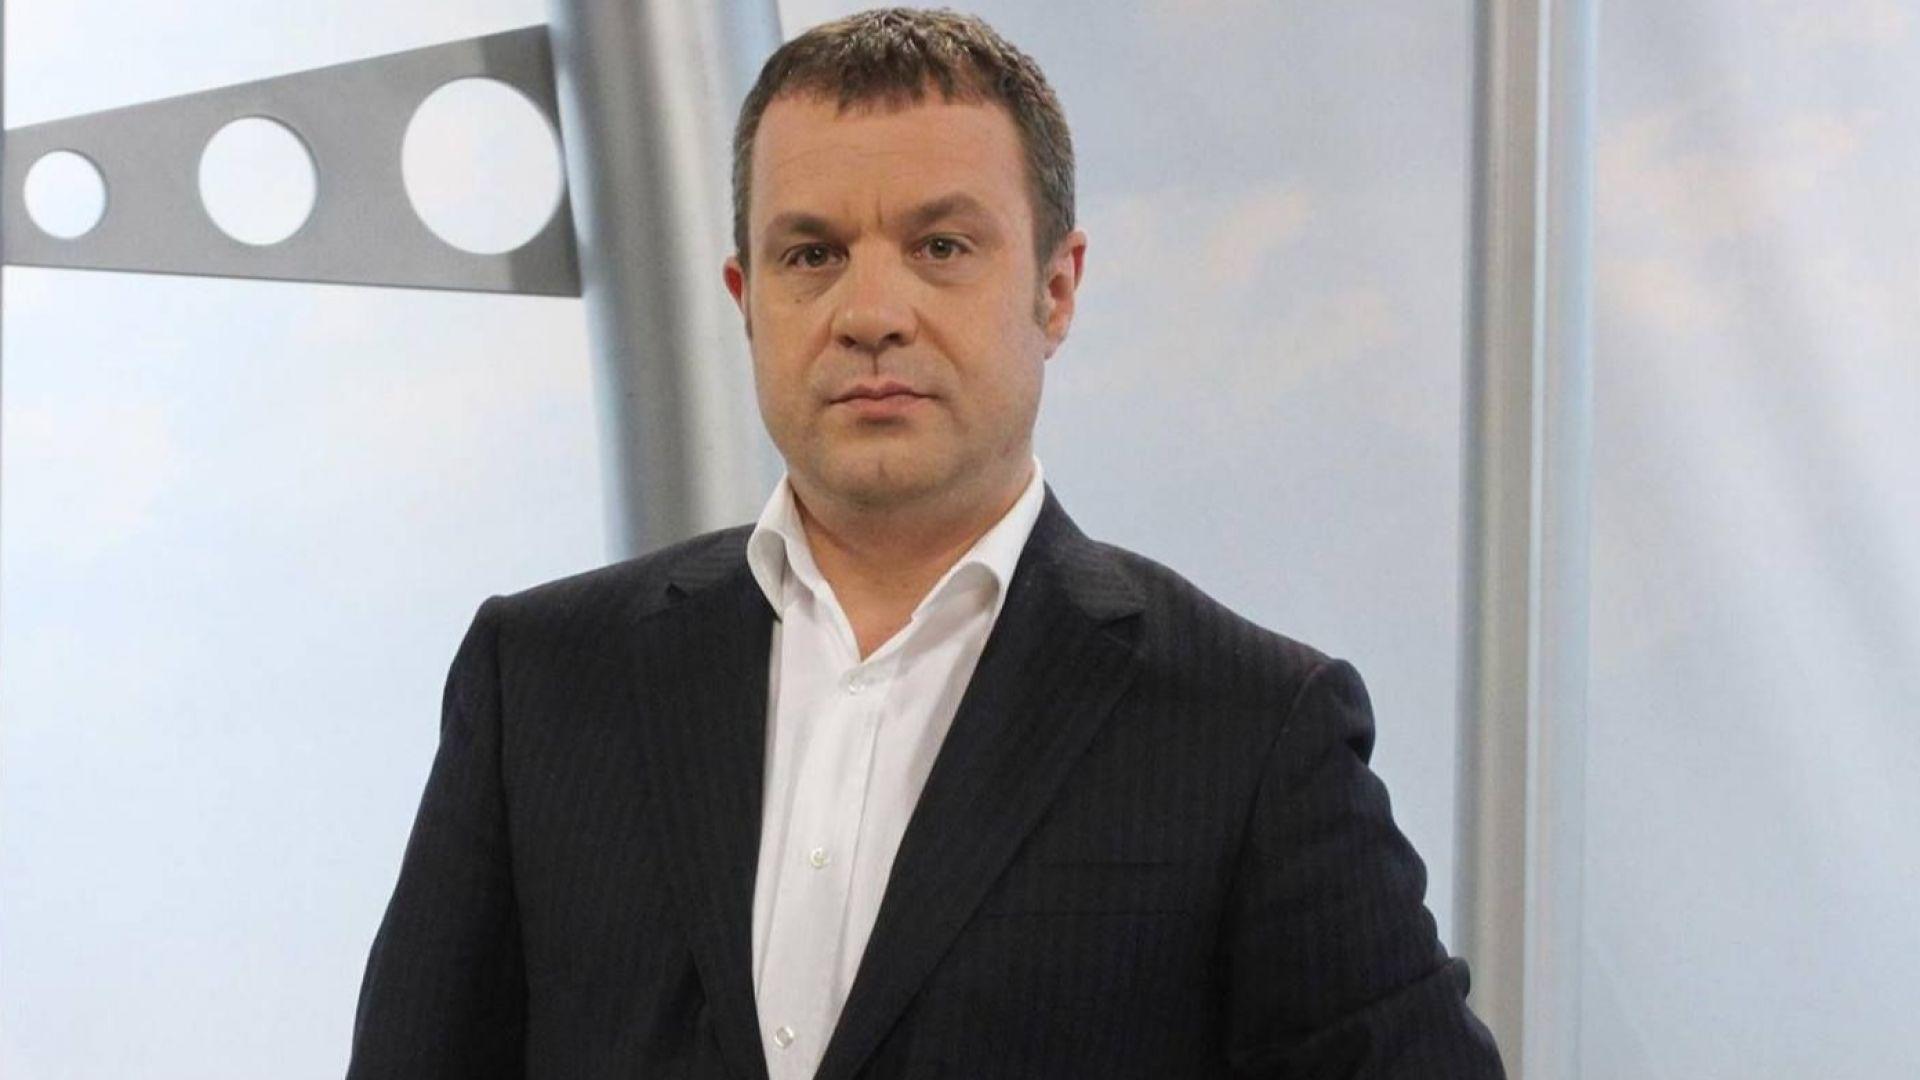 Кошлуков предлага нова дата за вота, тази на президента съвпада с финала на европейското по футбол